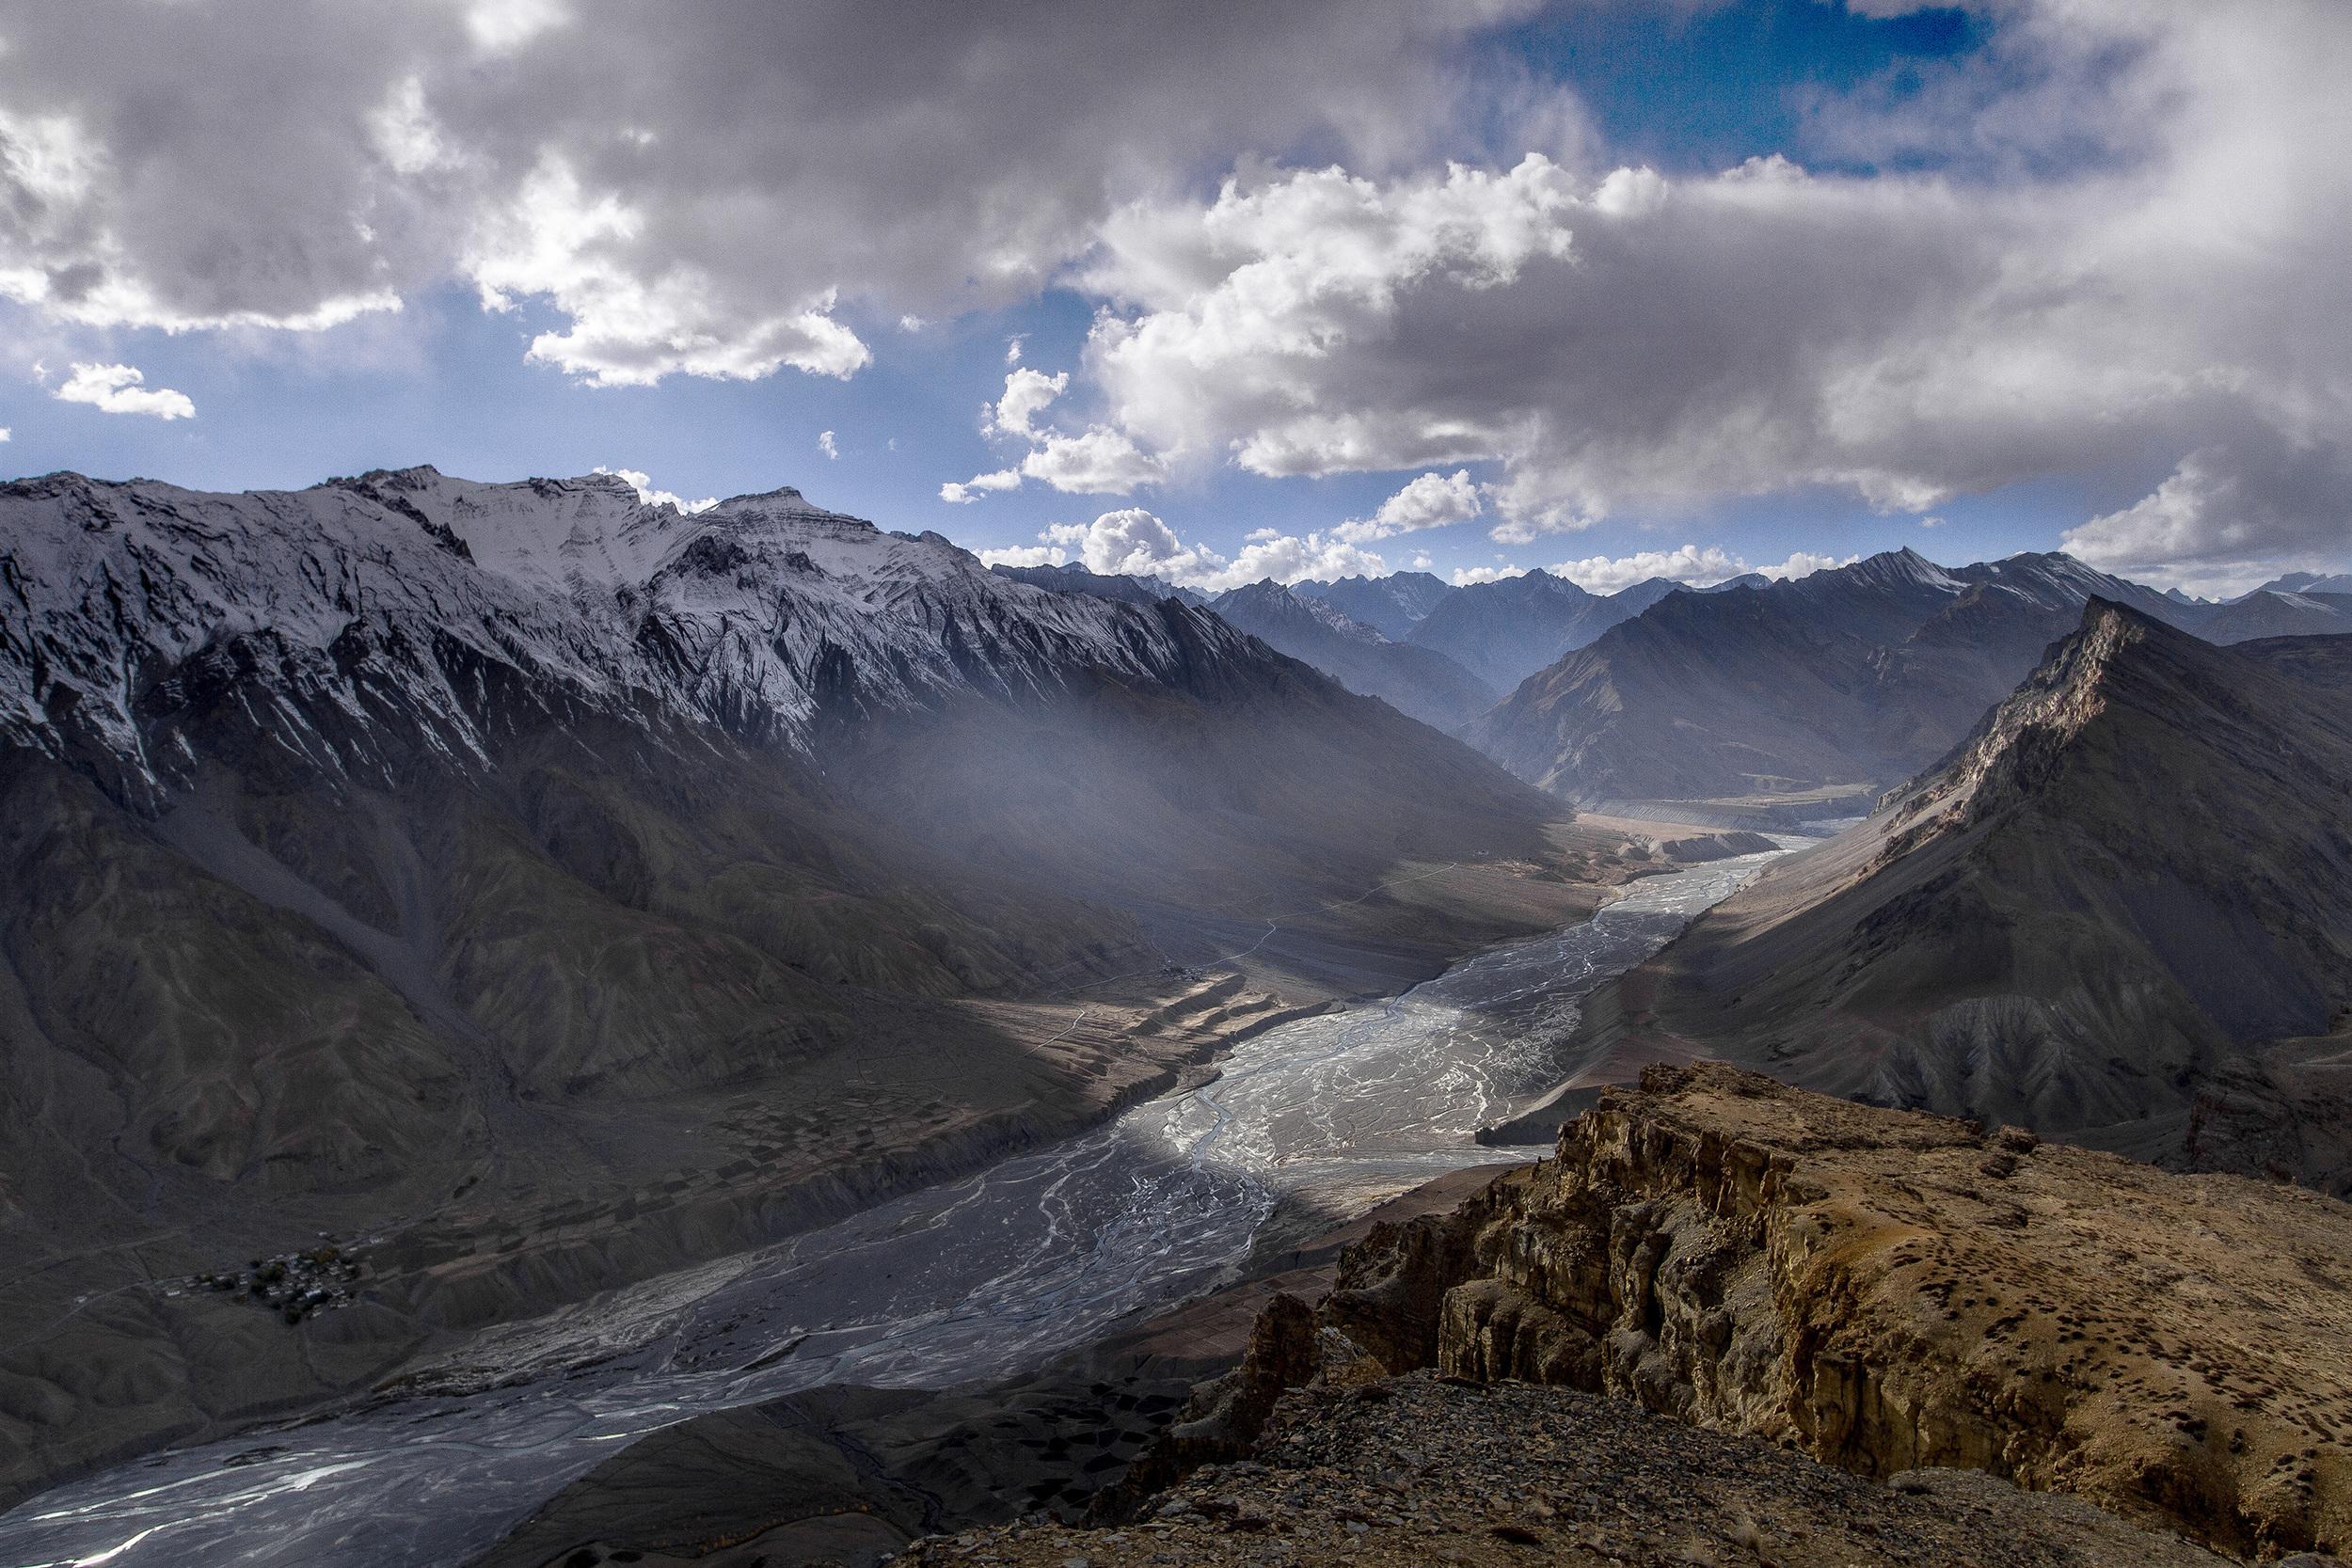 9 October, 2012 - Spiti Valley by Kibber Village ( 14,200ft)